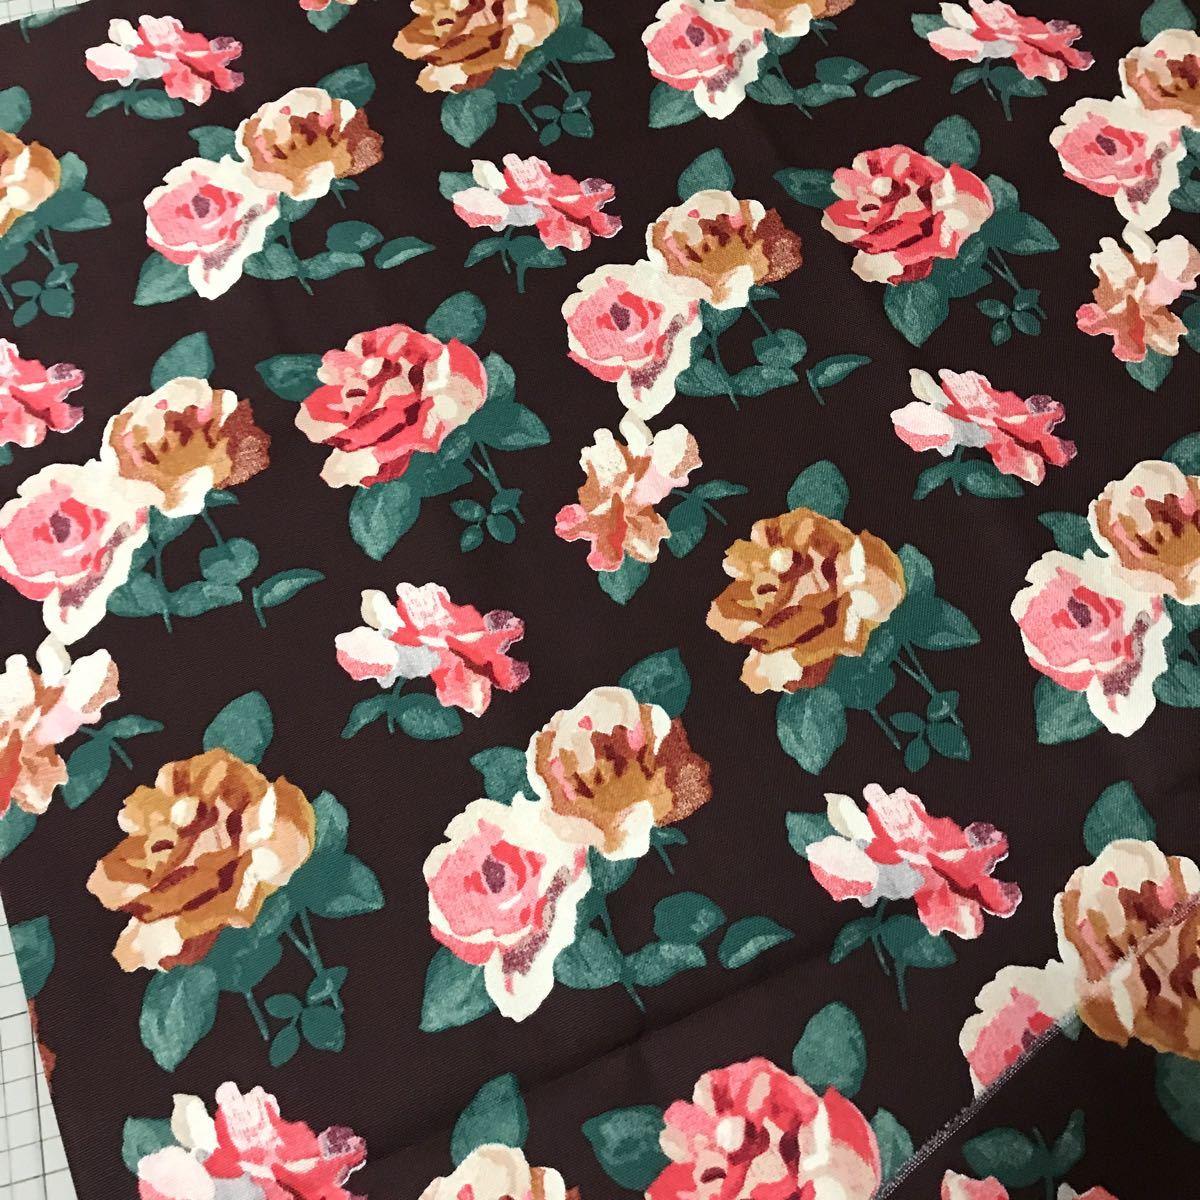 綿生地 帆布 キャスキッドソン チョコレートブラウン×花柄